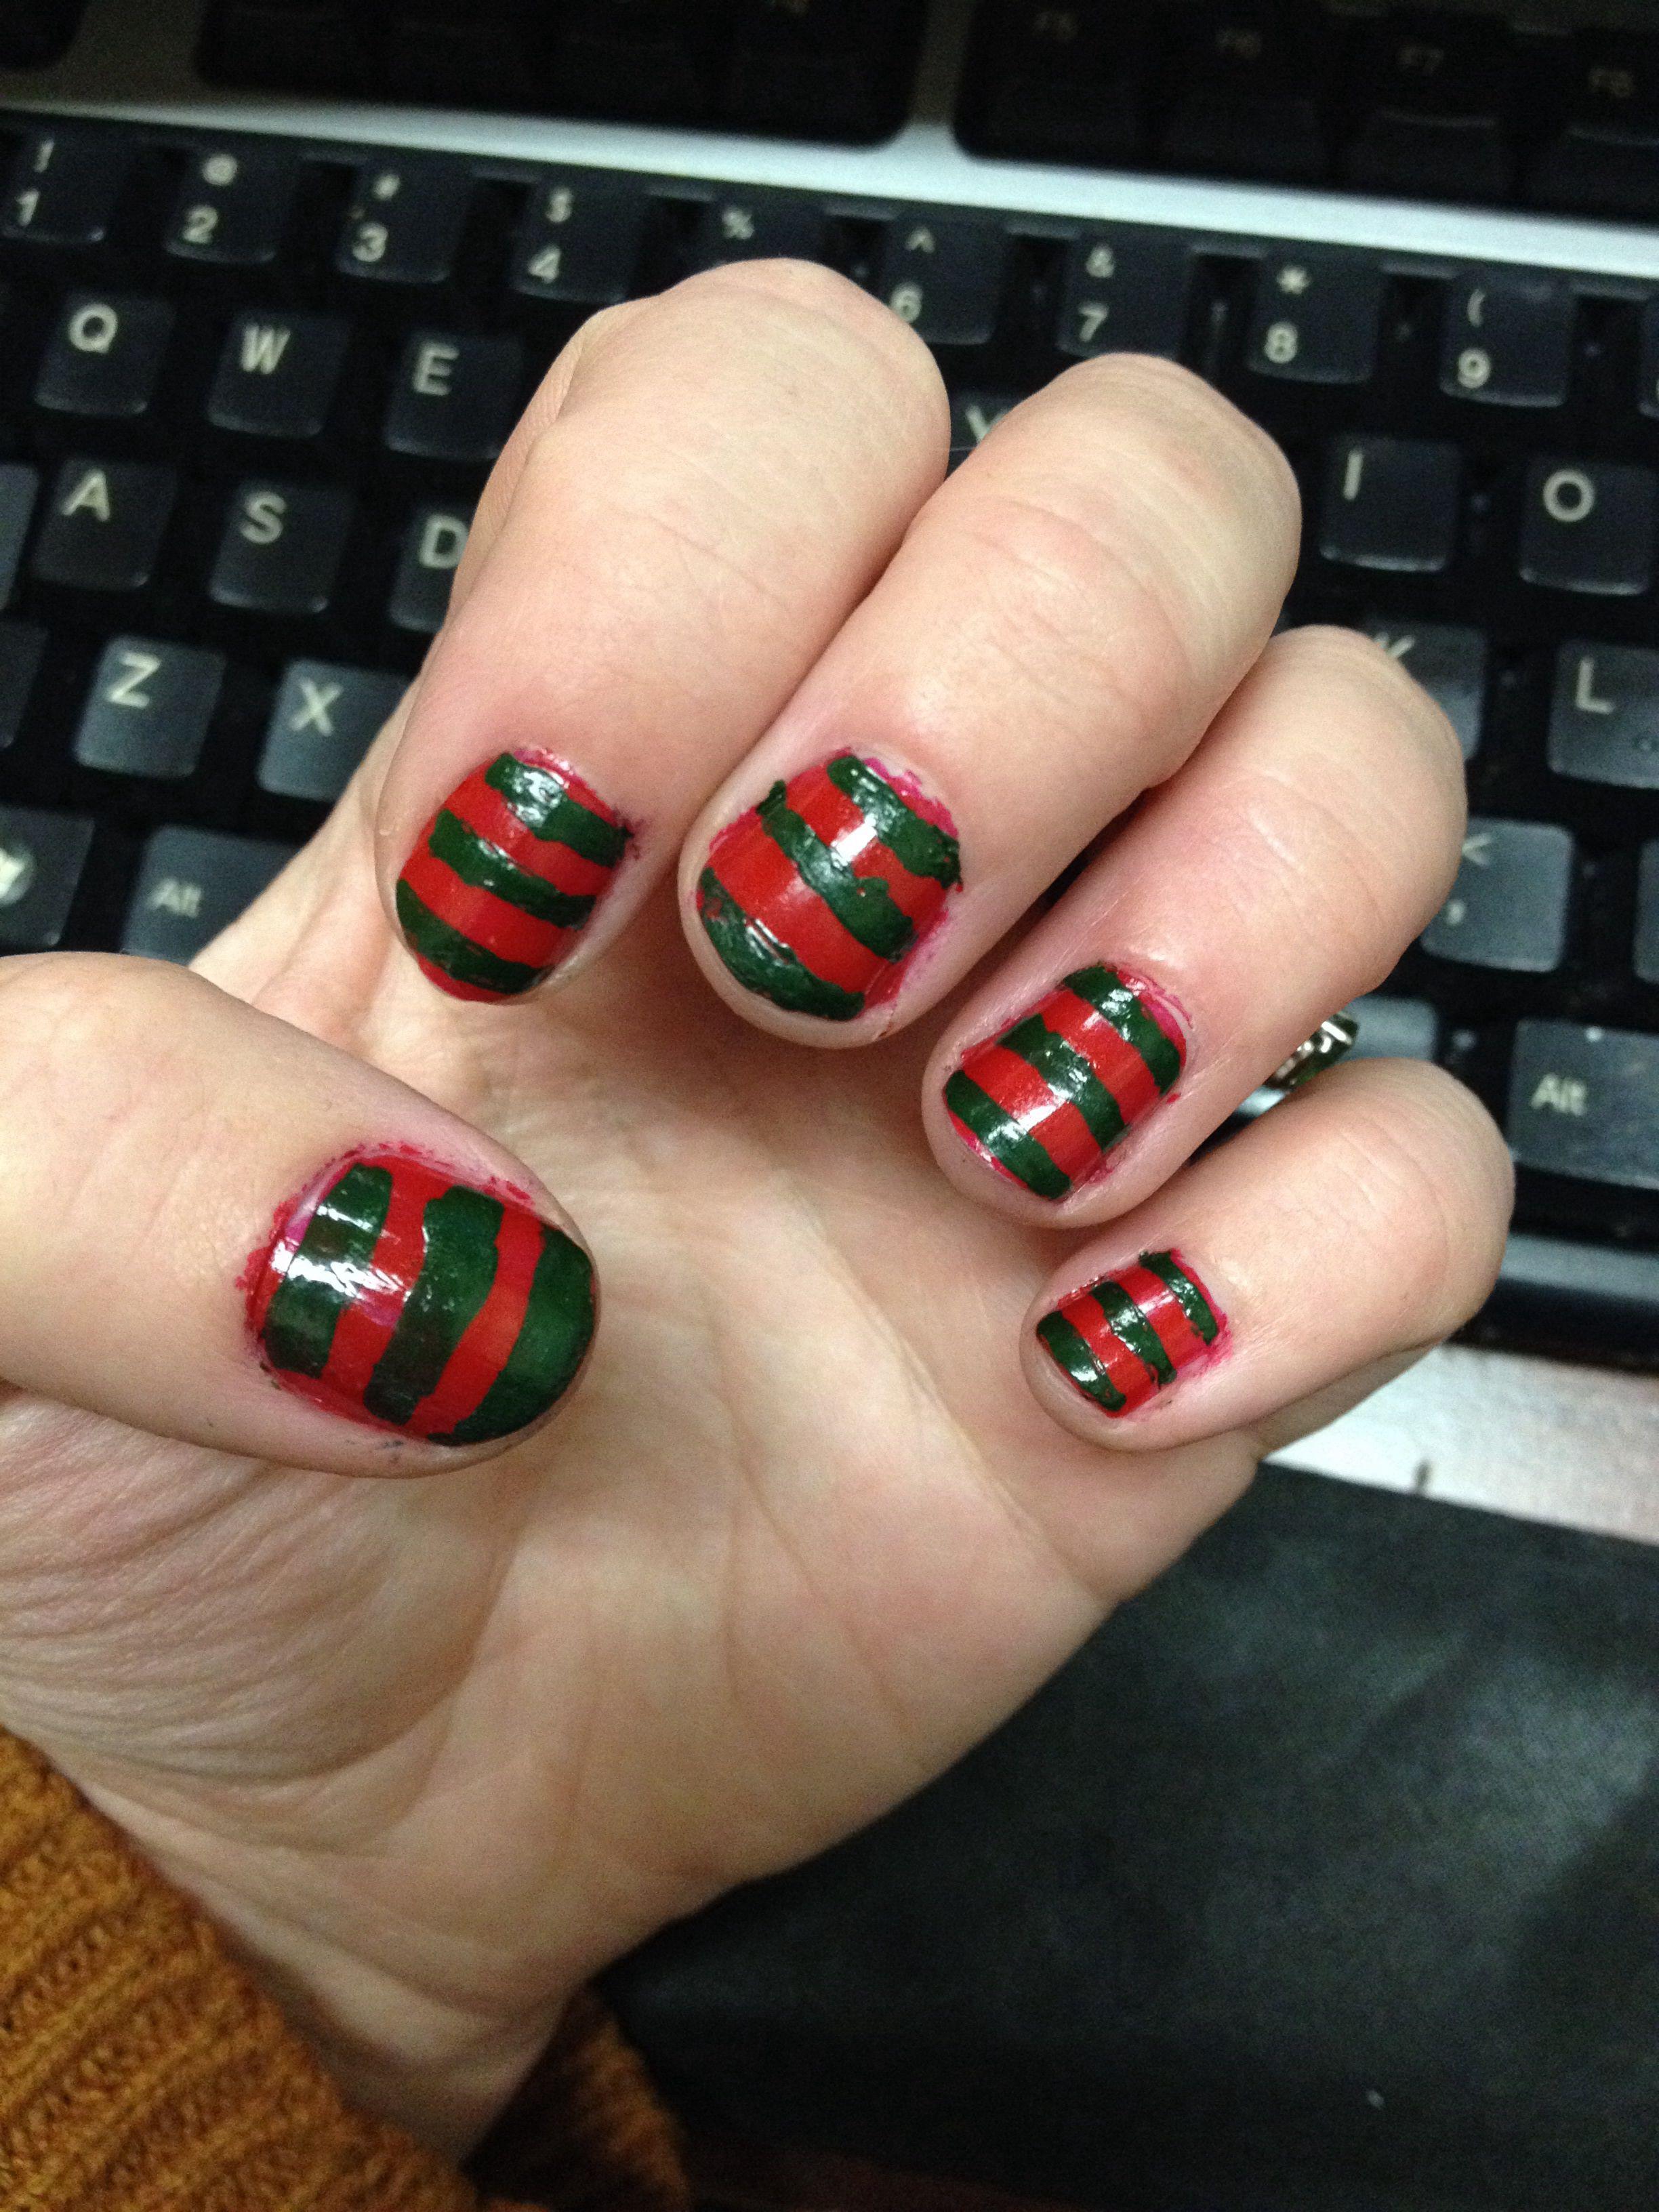 Freddy Krueger Nails Hair Makeup Nails